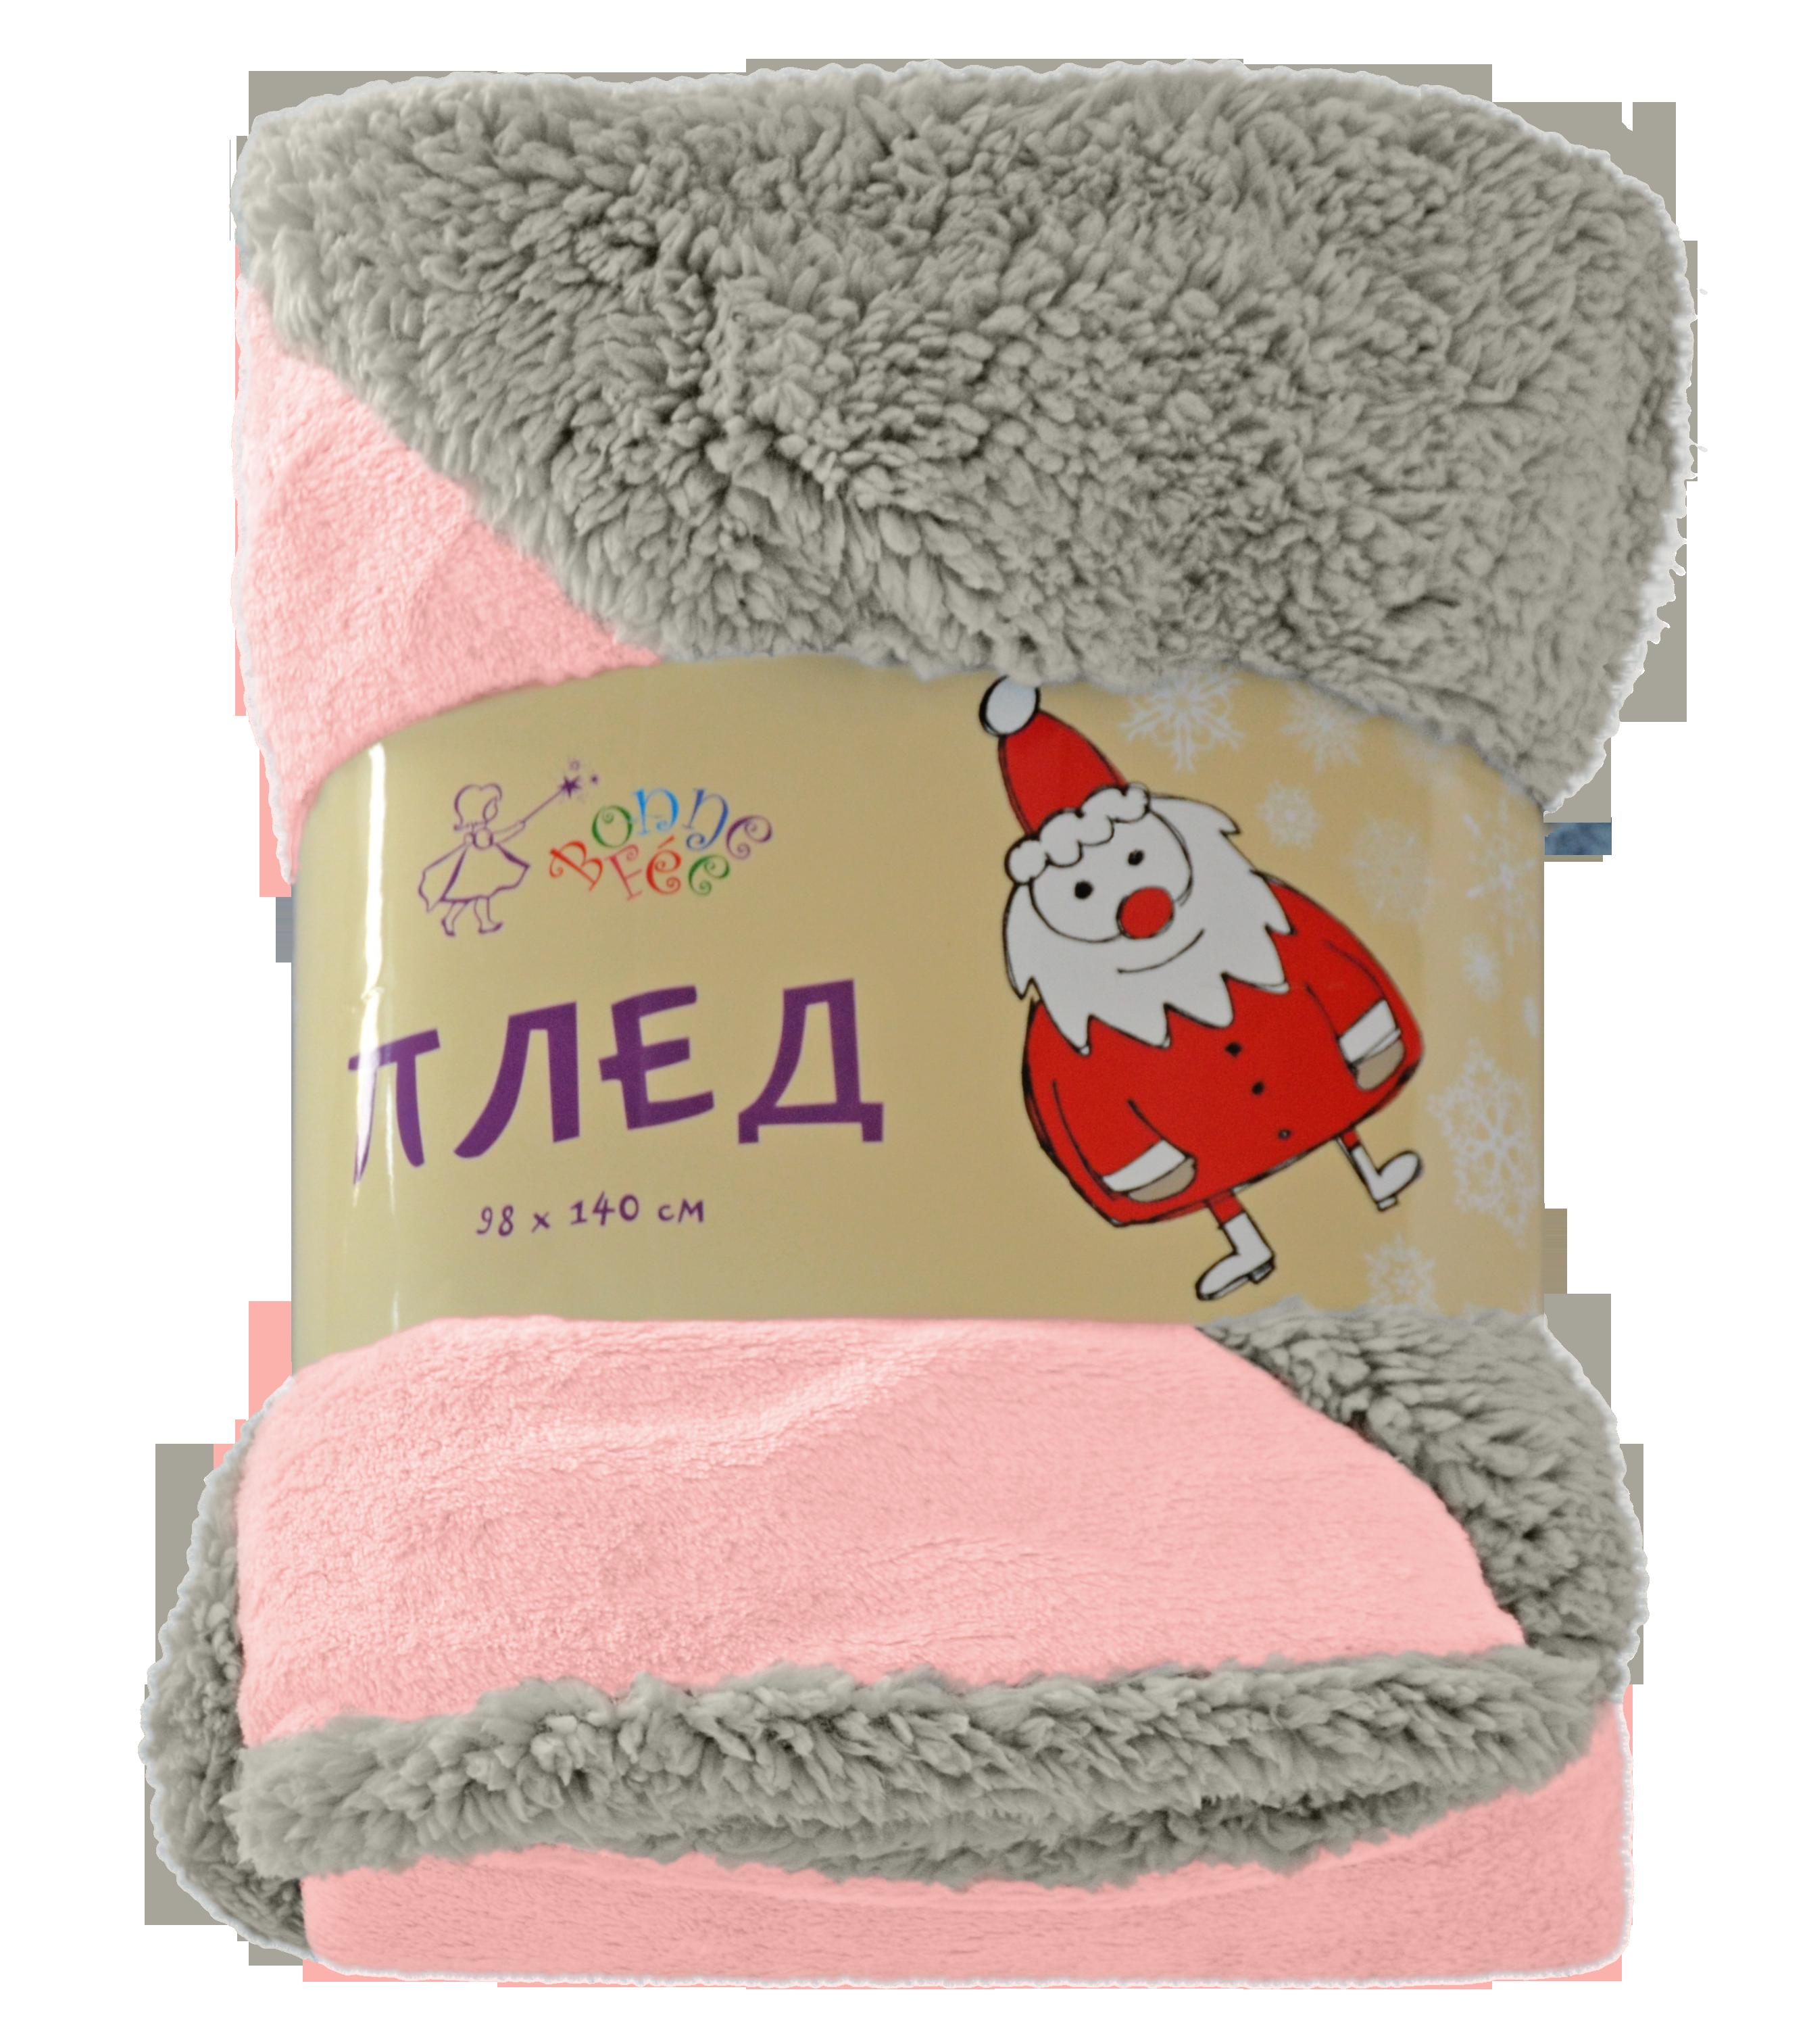 Плед для новорожденного Bonne Fee ПЛД2, розовый bonne fee простыня детская совы цвет розовый 70 х 100 см